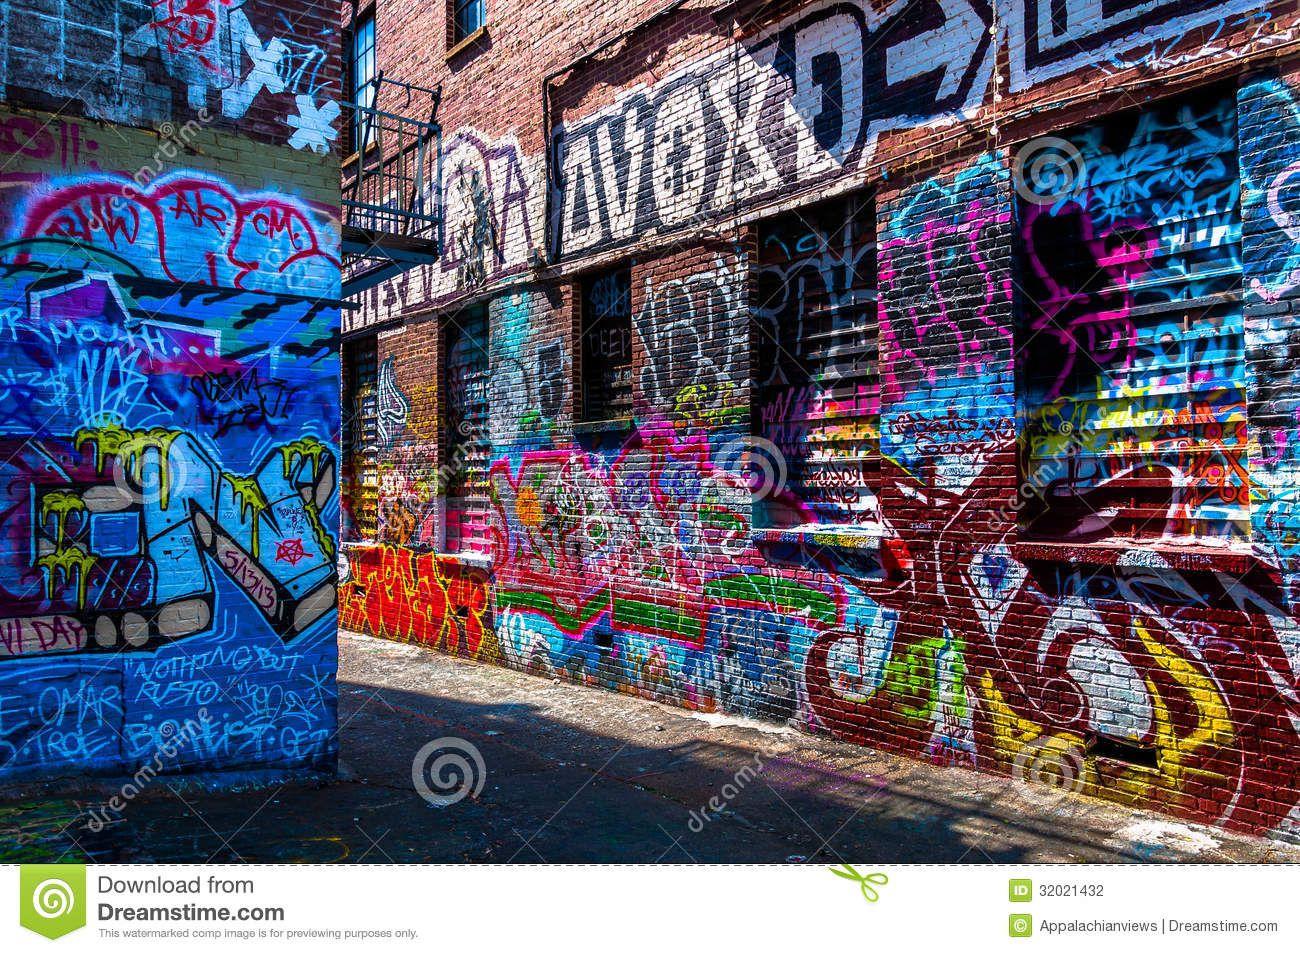 Graffiti wall toronto downtown - Graffiti